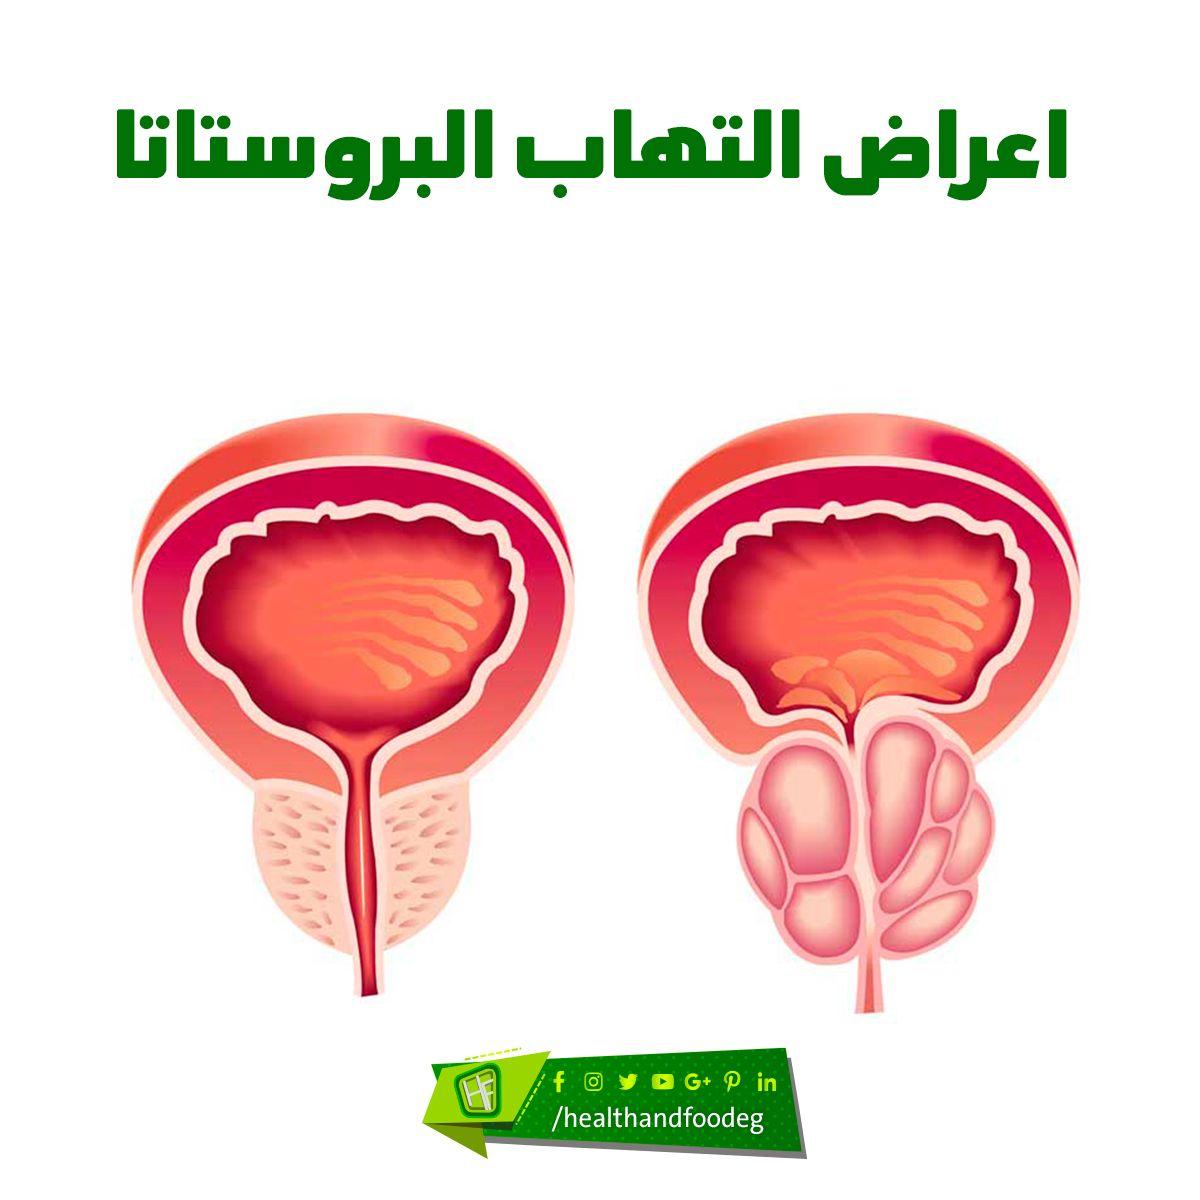 اعراض البروستاتا عند النساء Vegetables Food Radish